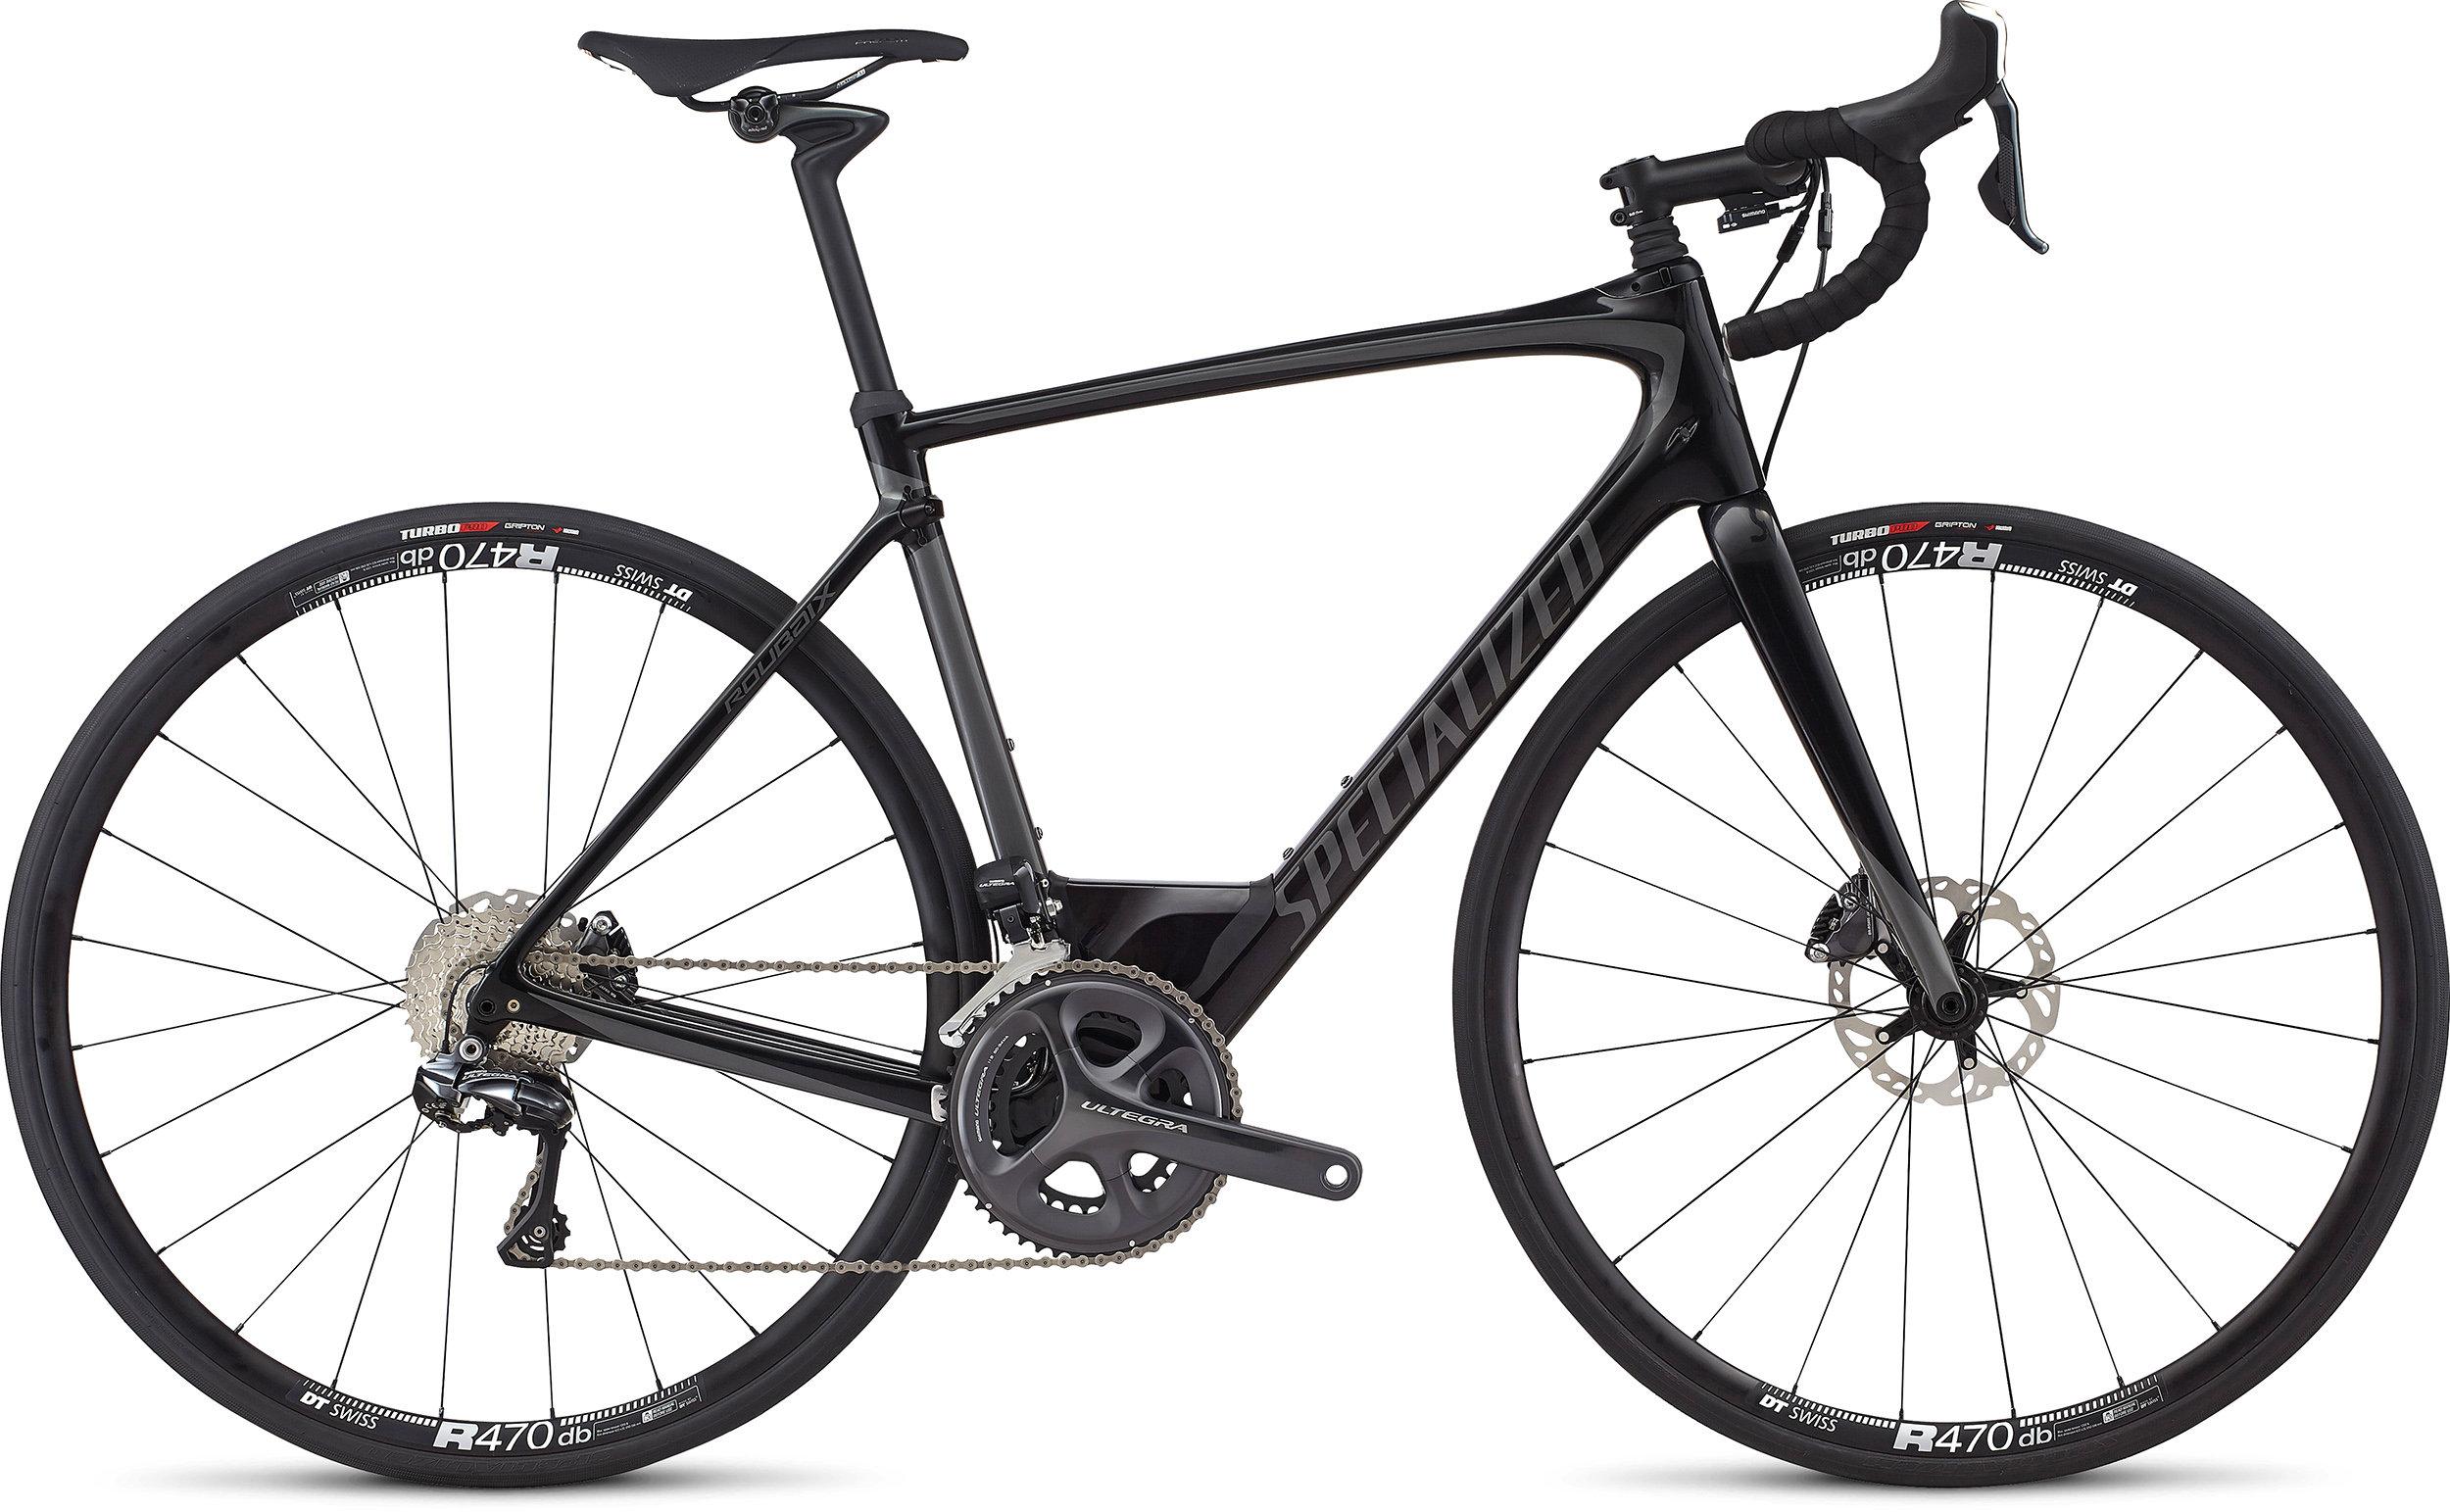 SPECIALIZED ROUBAIX EXPERT UDI2 TARBLK/CHAR 49 - Bike Maniac